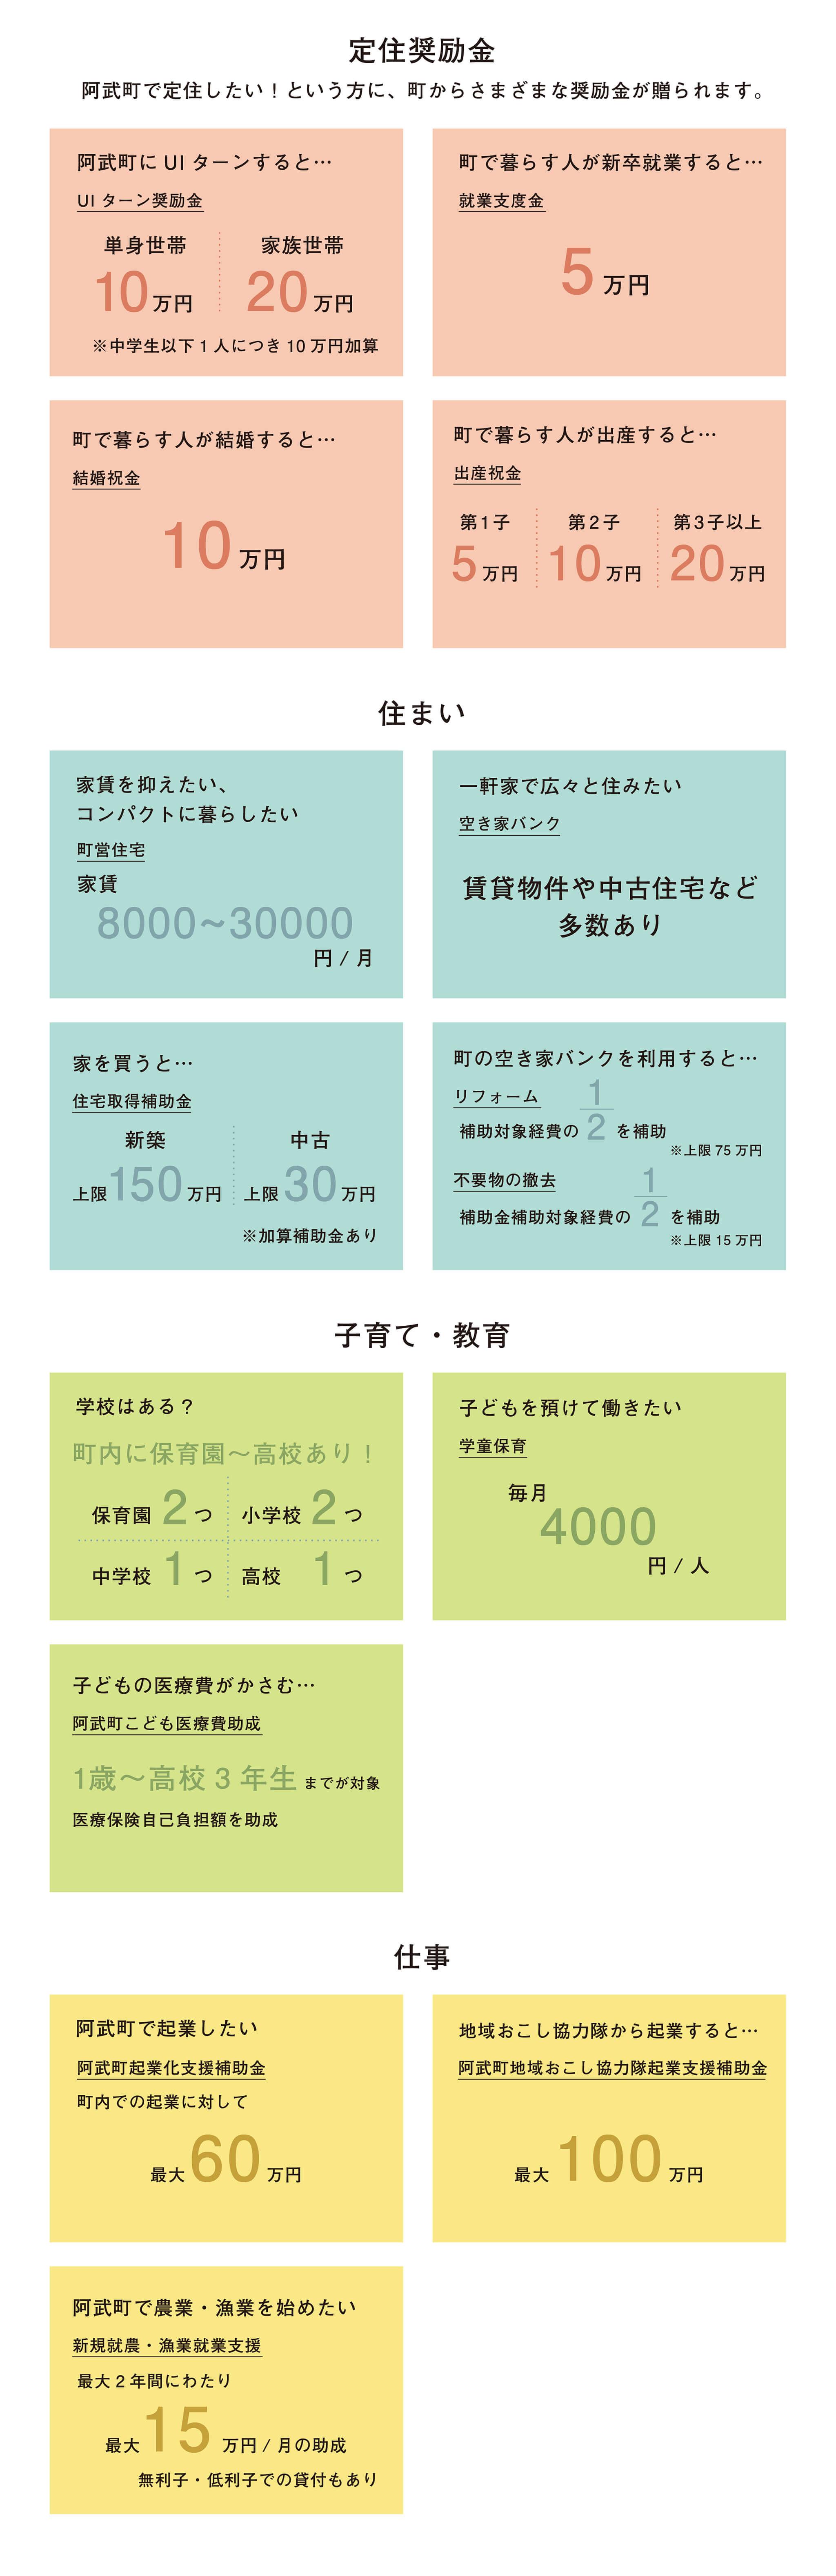 山口県阿武町の移住者・定住者支援制度一覧。定住奨励金などあり!